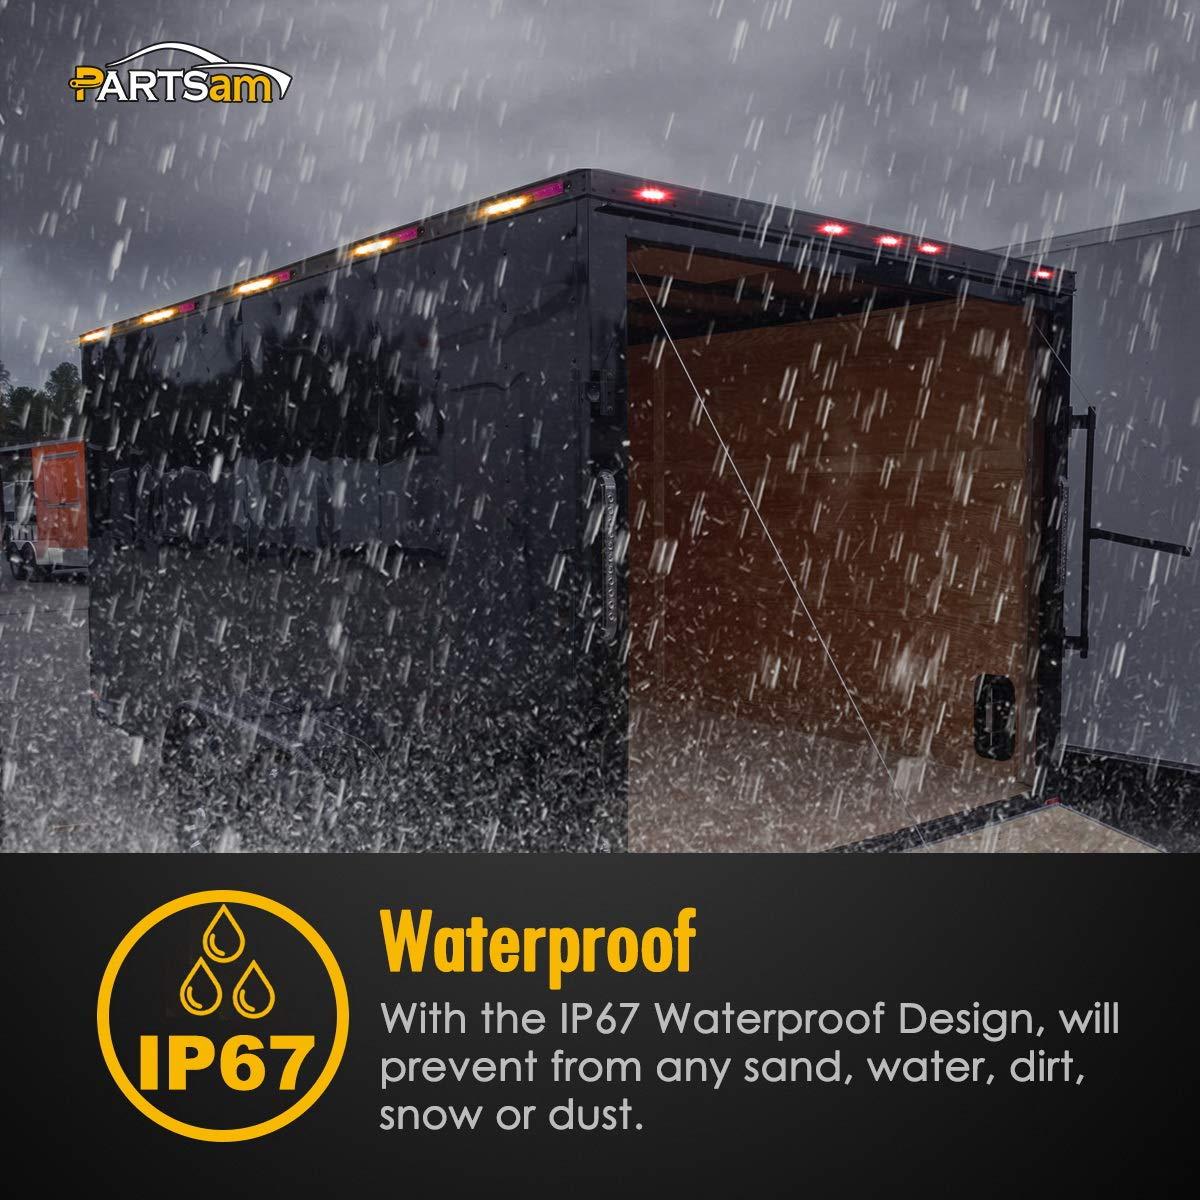 Partsam NEW Set of 4 Amber Side Marker Clearance Light 6 LED Surface Mount For Boat RV Camper